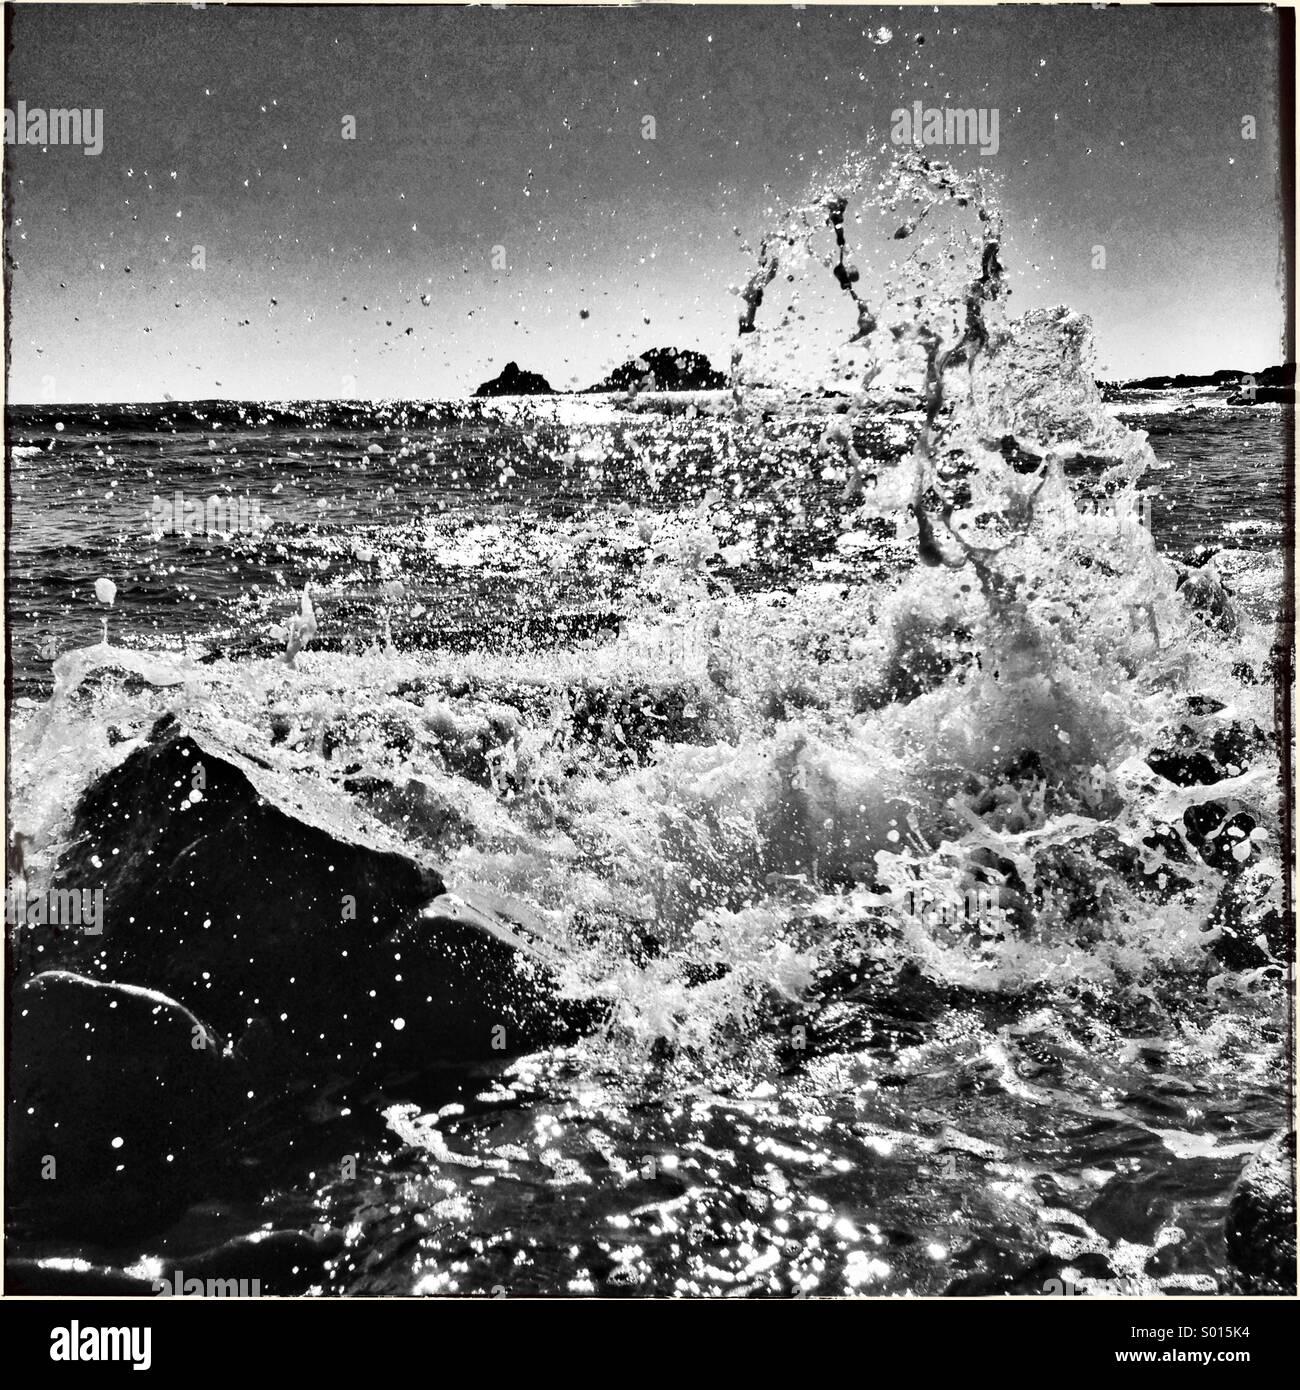 Schwarz / weiß Bild von Spritzwasser auf Felsen Stockbild